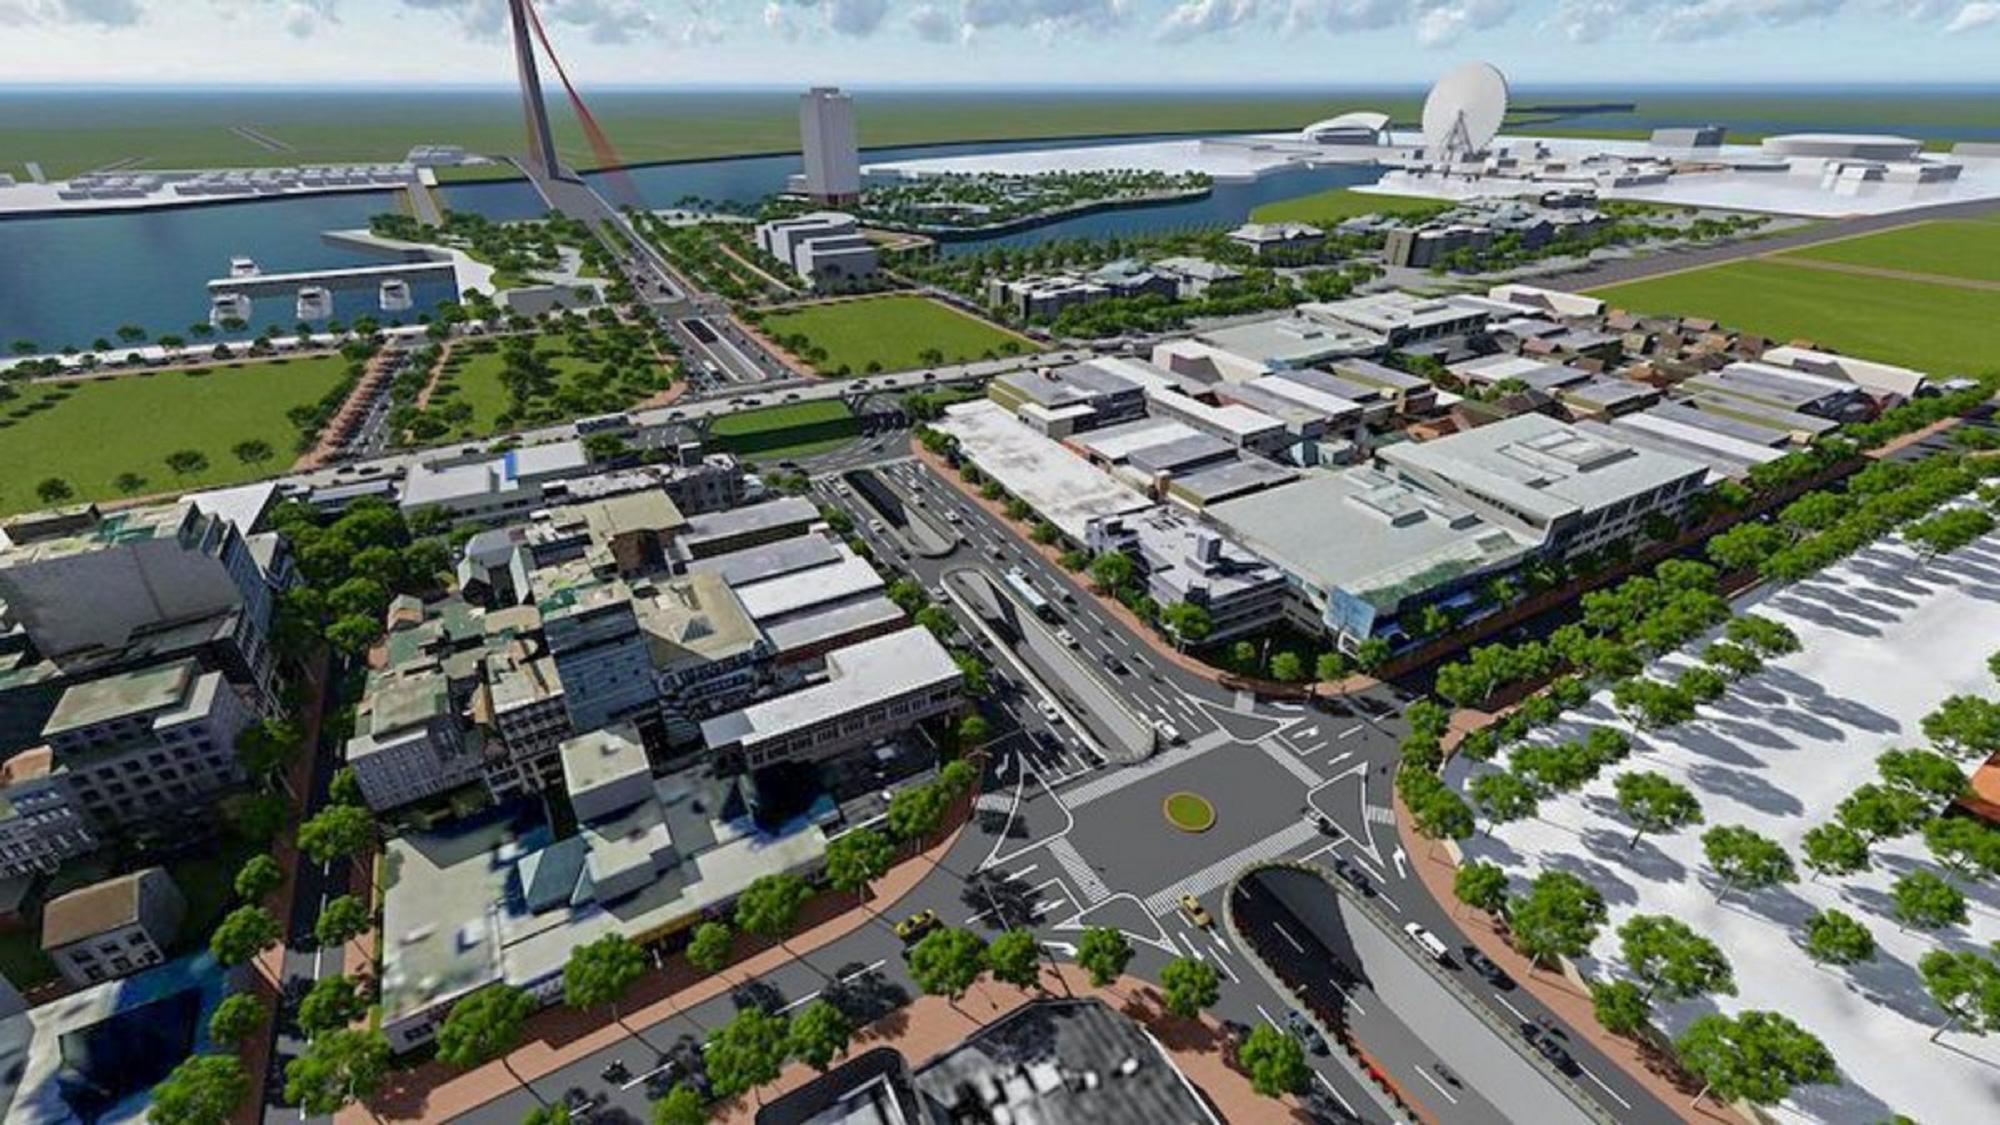 Đà Nẵng khởi công nút giao thông 3 tầng hơn 723 tỷ đồng - Ảnh 2.